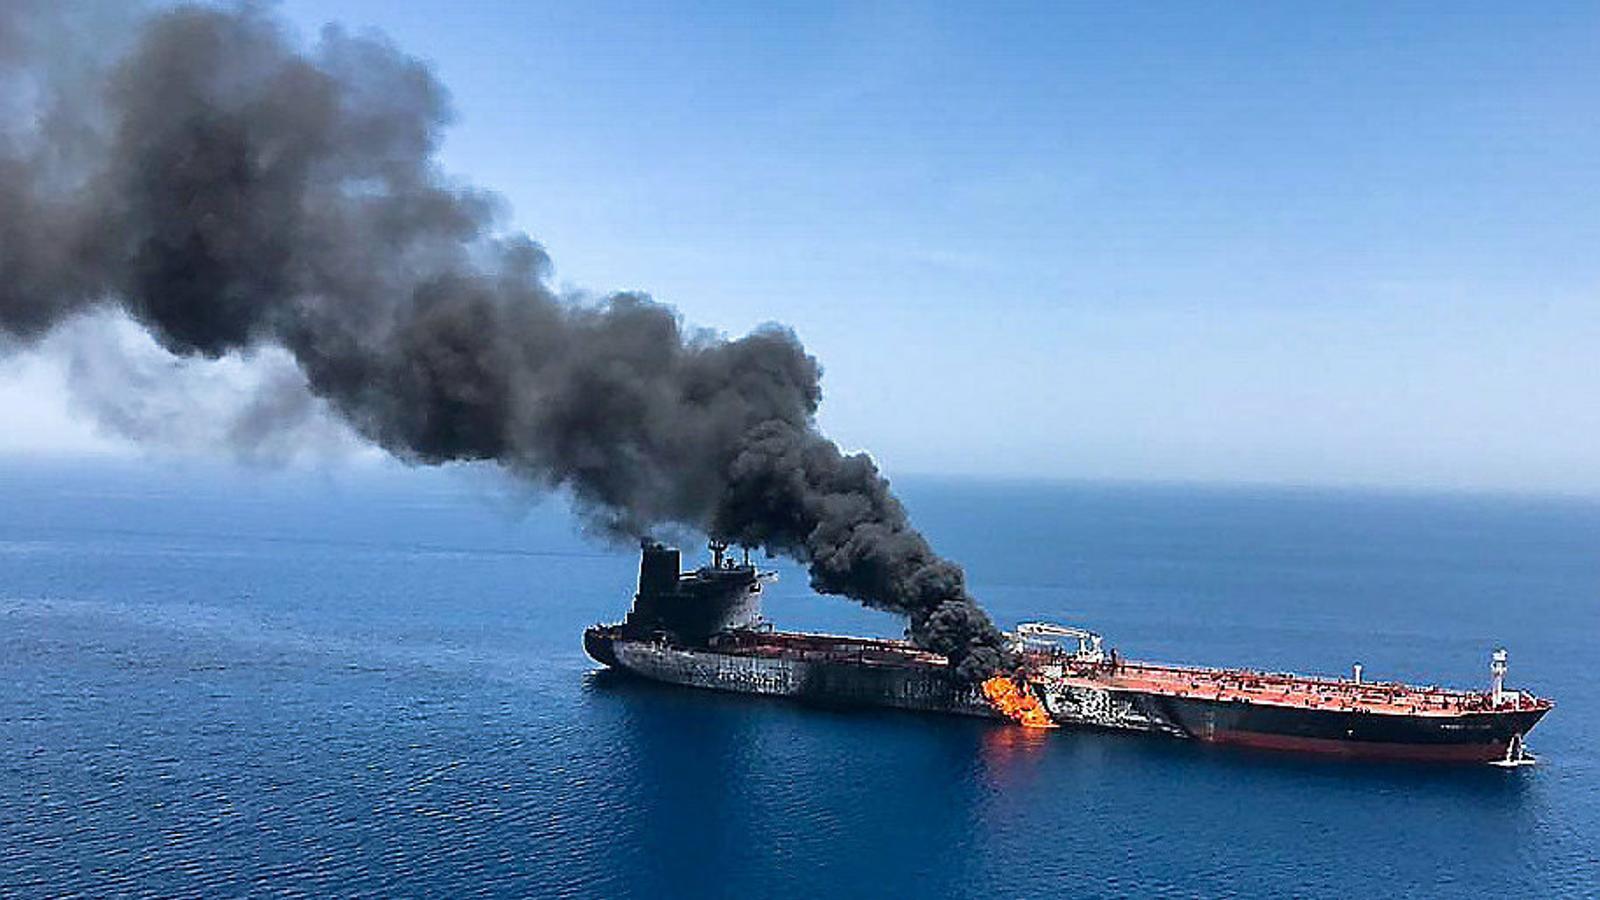 Els EUA insisteixen que l'Iran va atacar els dos petroliers